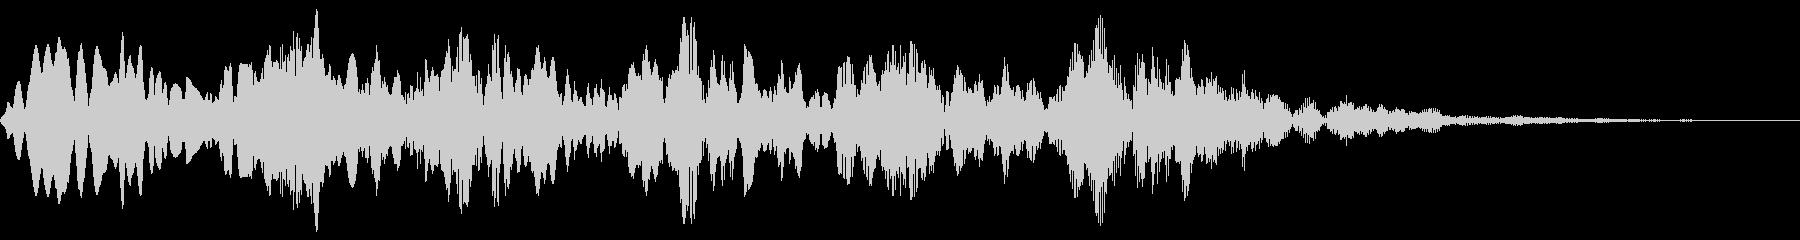 ピロピロ(やられた 倒れる コミカル)の未再生の波形